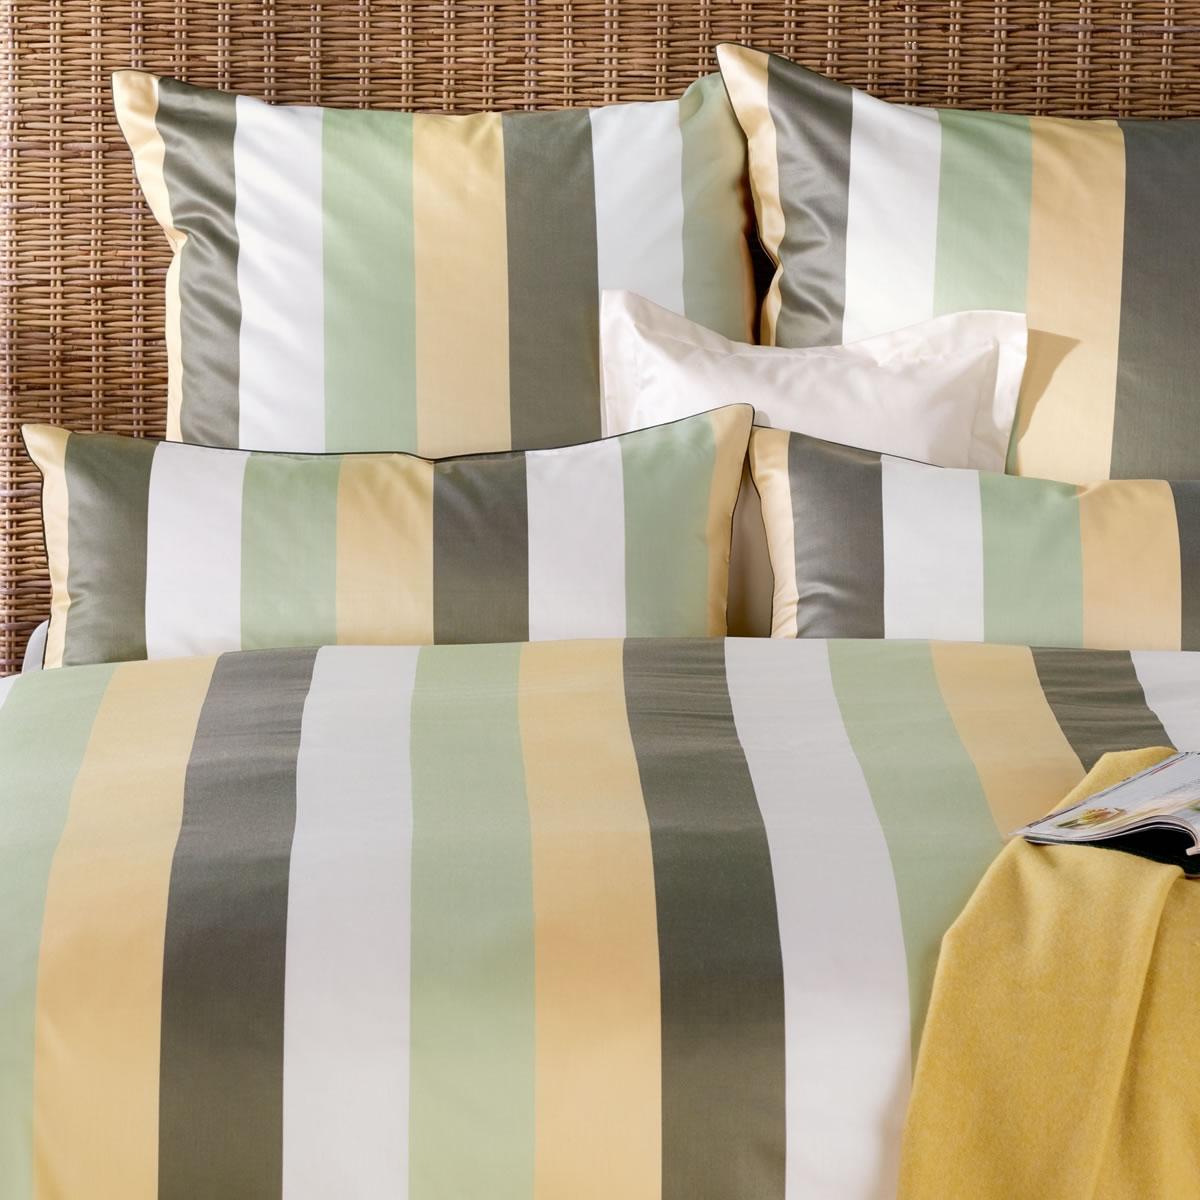 curt bauer mako brokat damast bettw sche montpellier 2553 1088 jade gelb. Black Bedroom Furniture Sets. Home Design Ideas